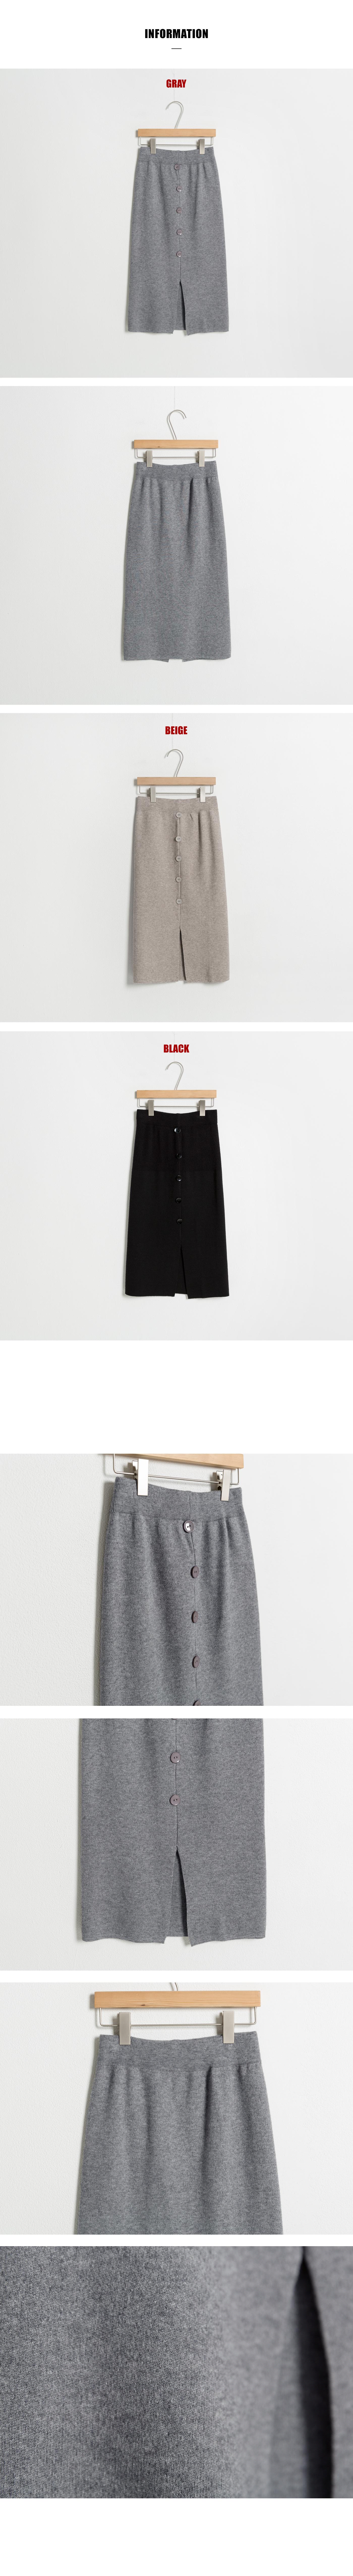 Merlin button skirt